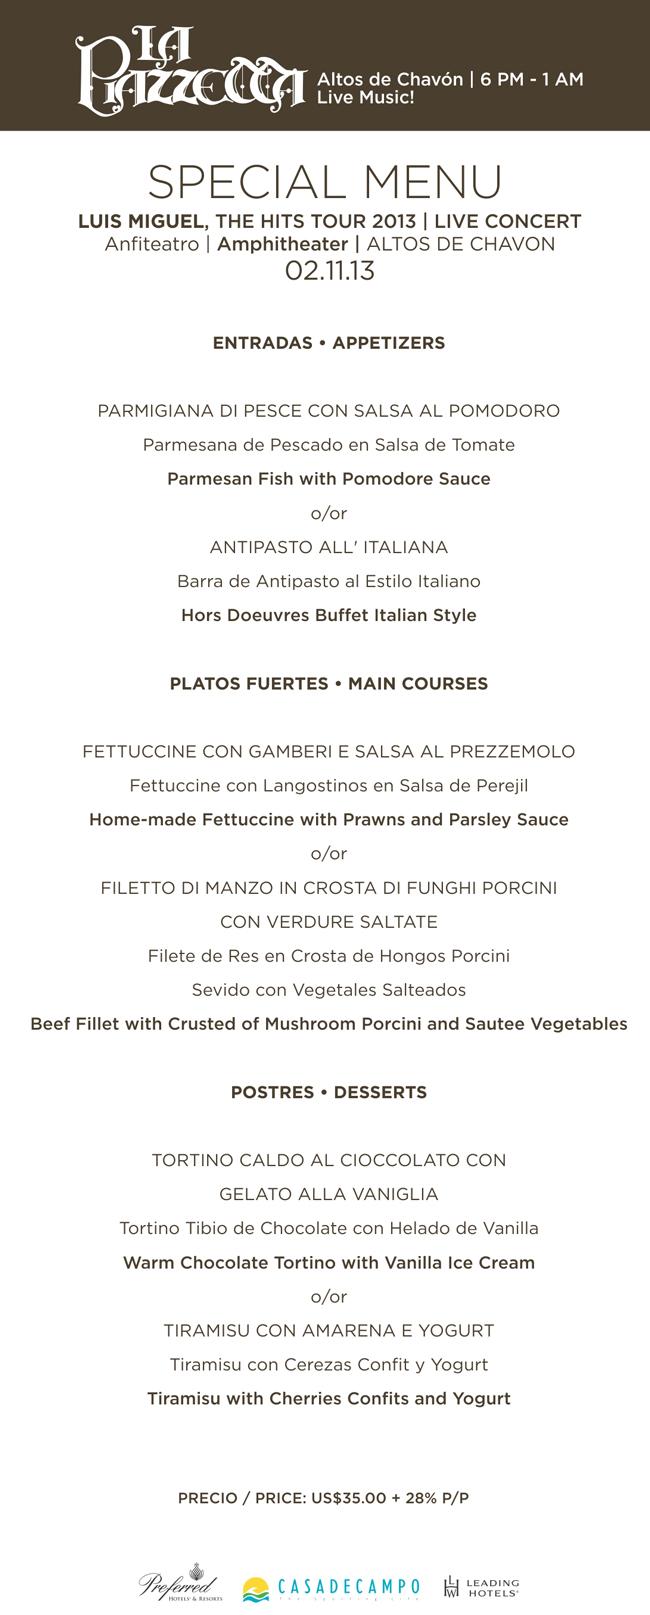 La Piazzetta menu